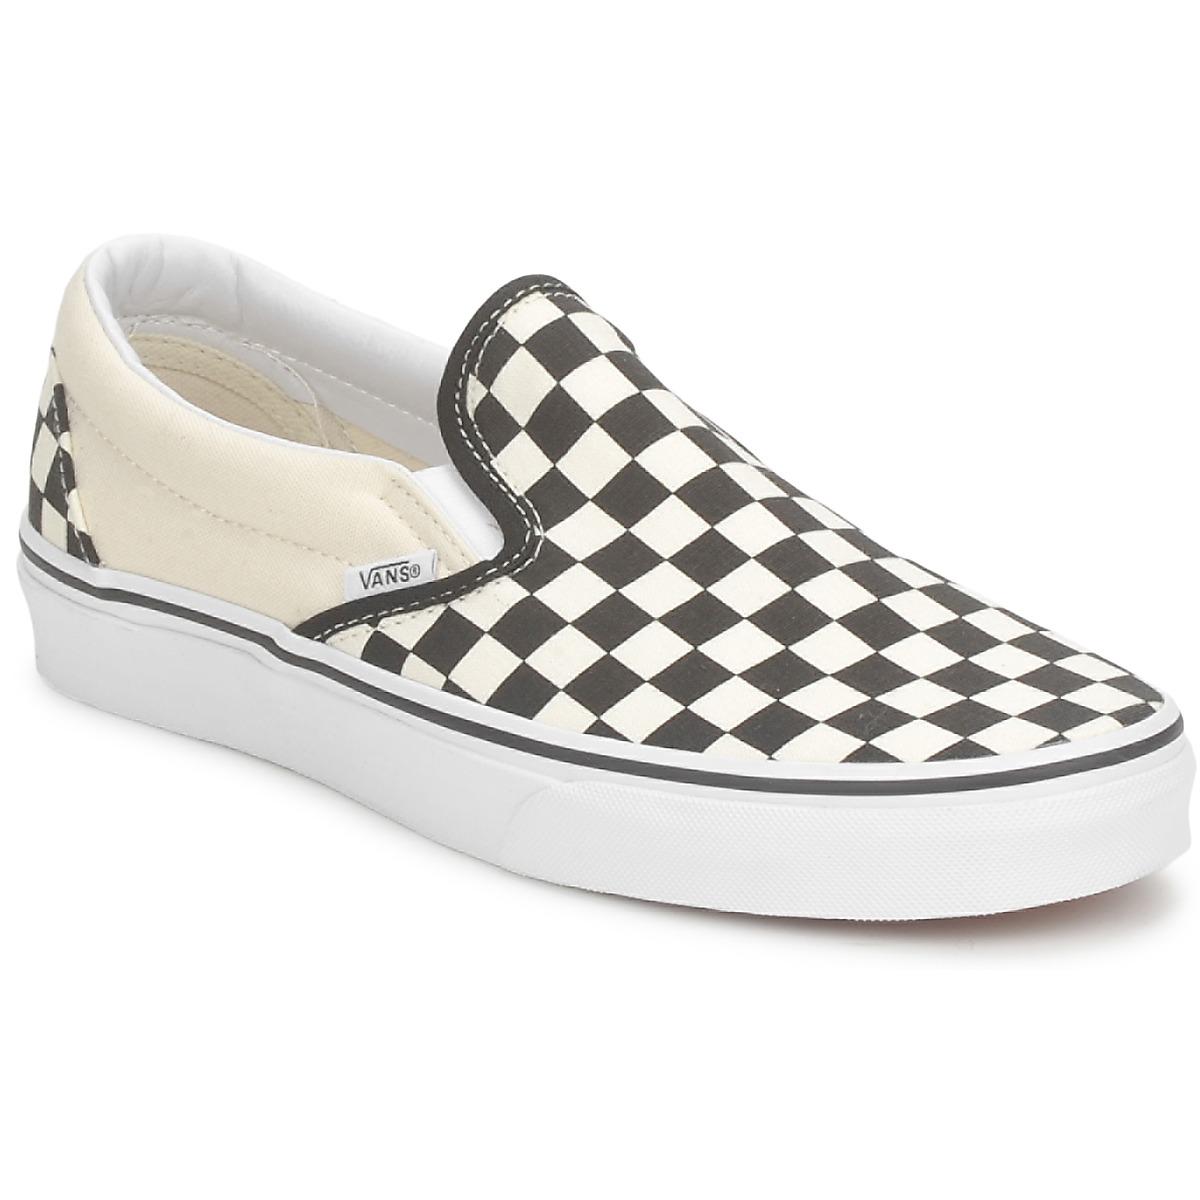 Vans CLASSIC SLIP ON Black / White